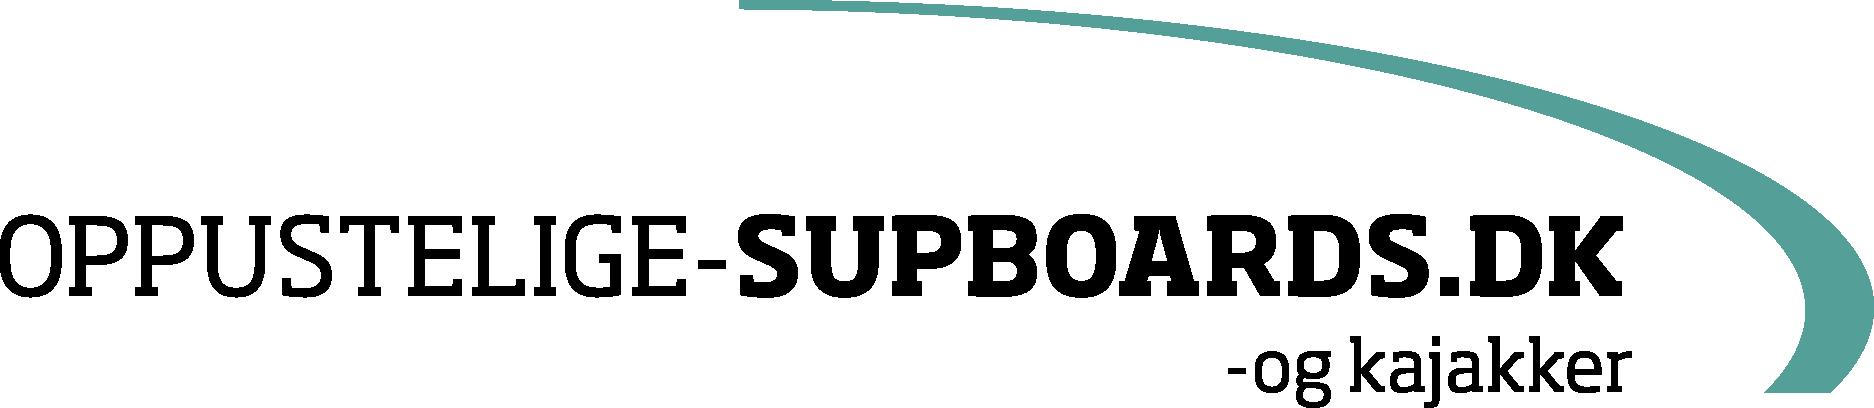 opp_supb_logo (2)